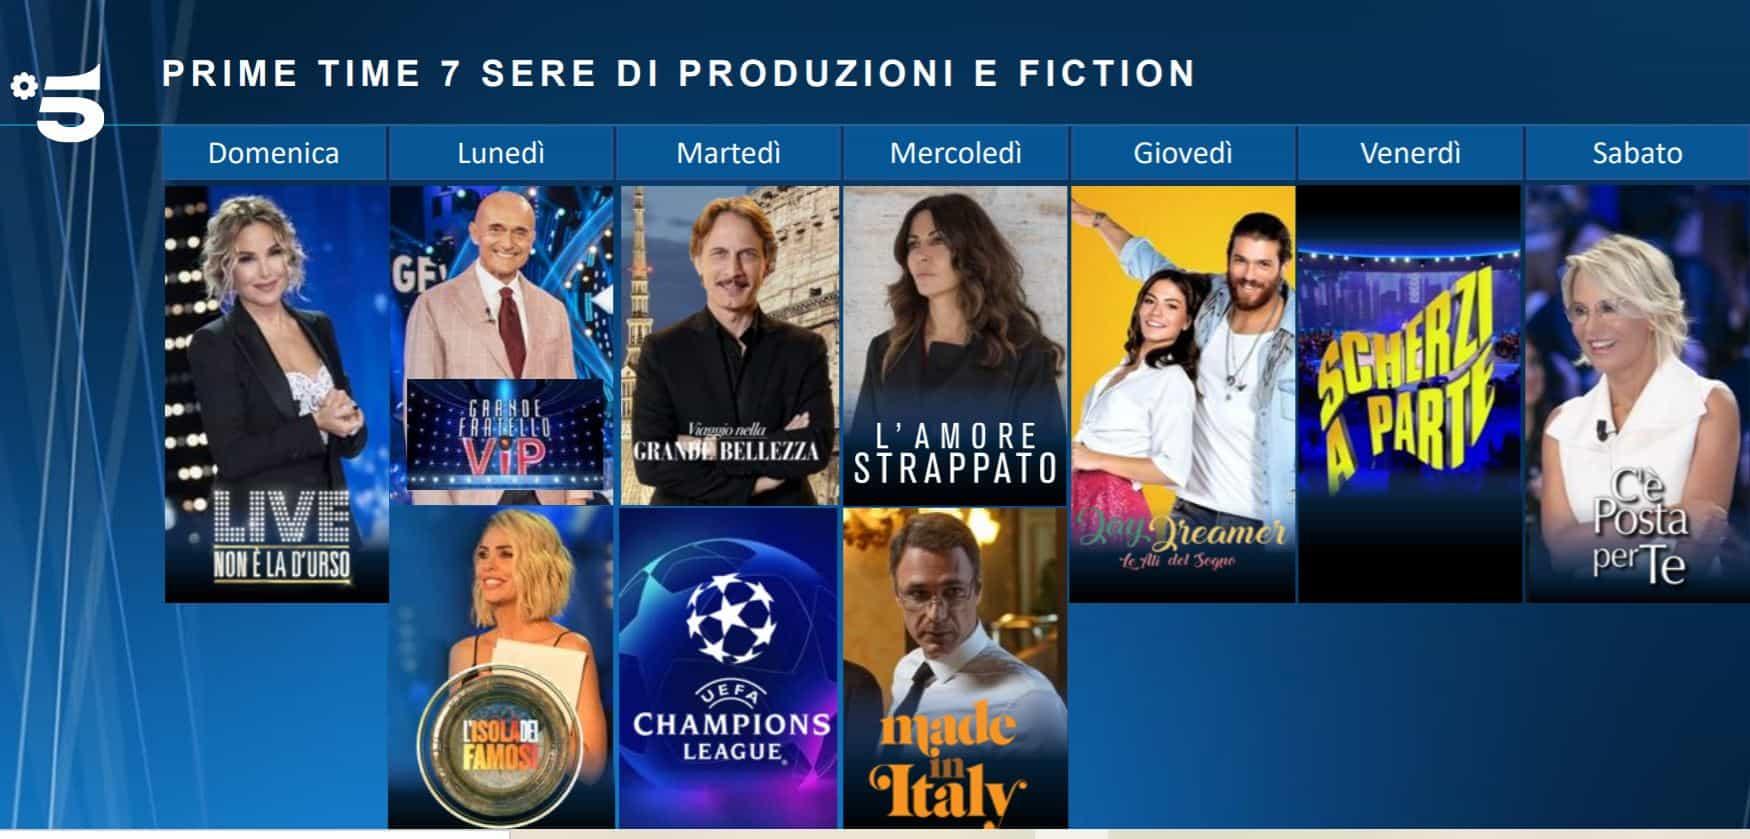 Palinsesti Gennaio 2021 Canale 5: tutti i titoli del nuovo anno in prime time